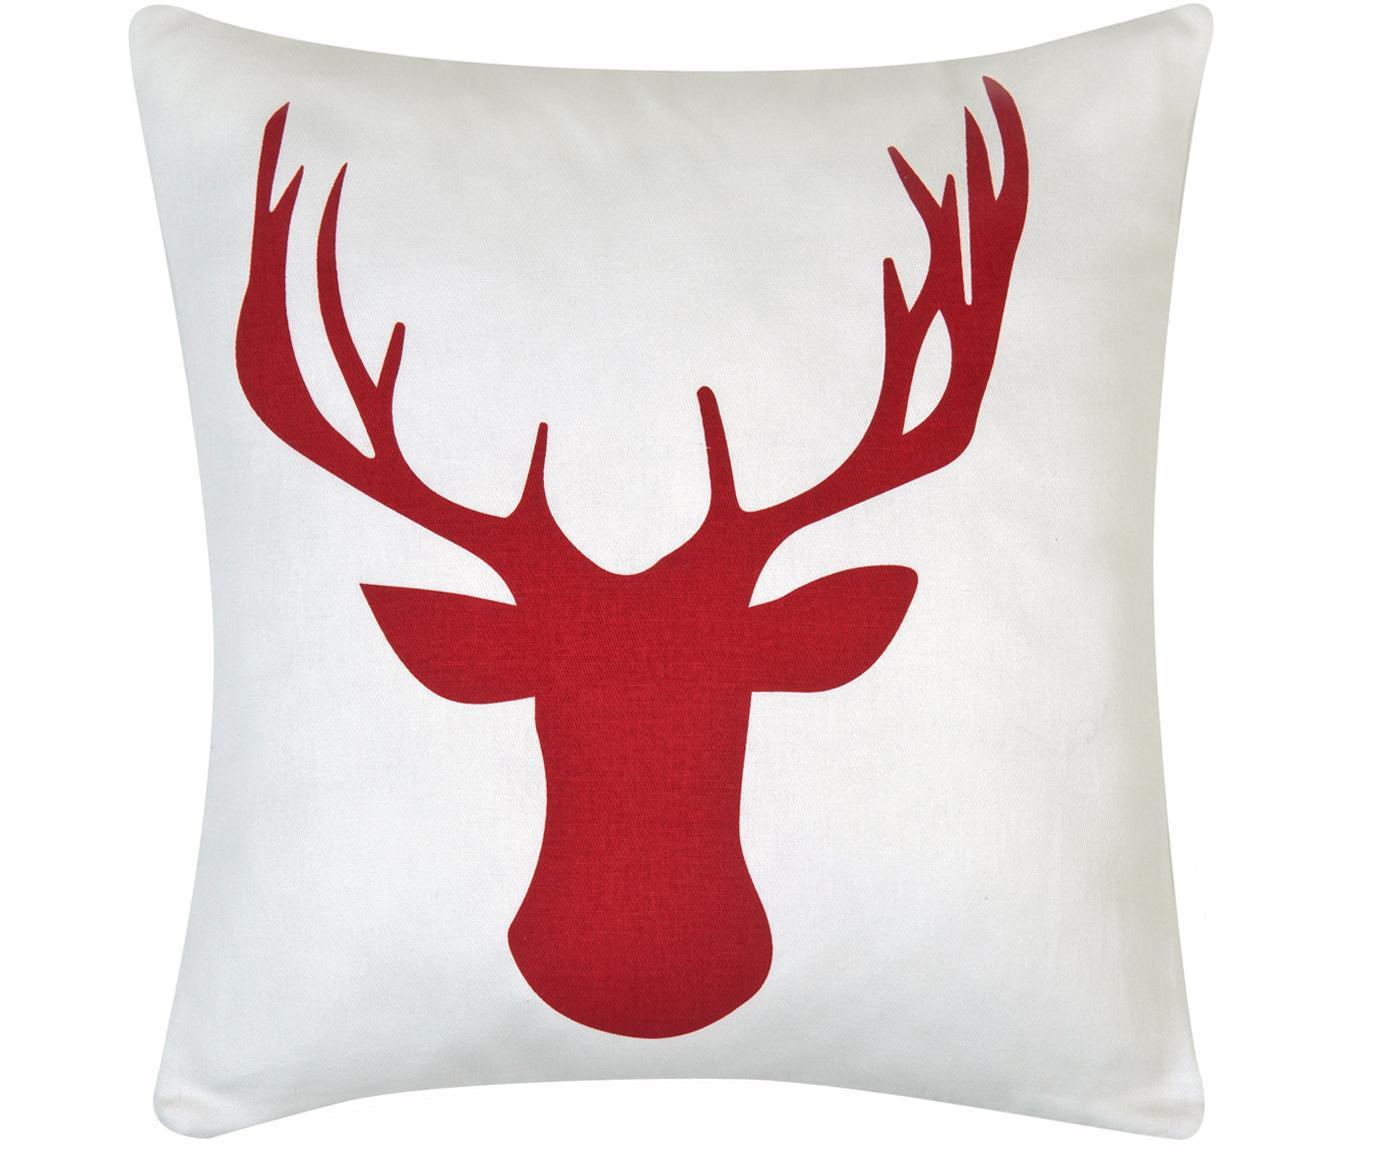 Kissenhülle Deer in Weiss/Rot, Baumwolle, Panamabindung, Dunkelrot, Ecru, 40 x 40 cm